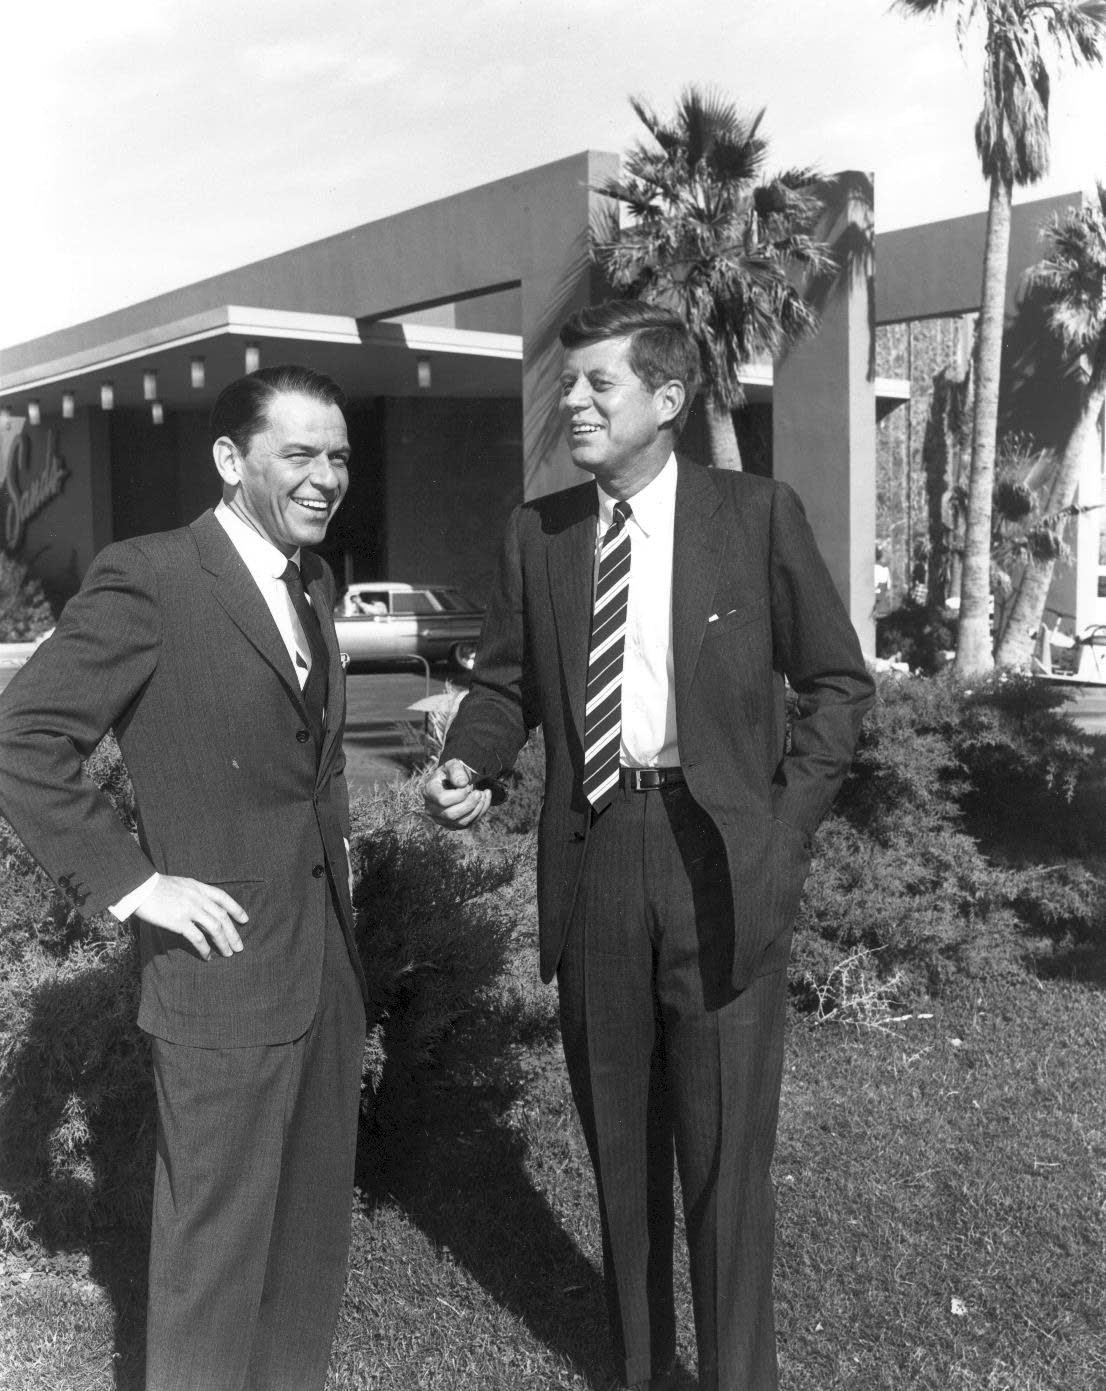 Frank Sinatra photo